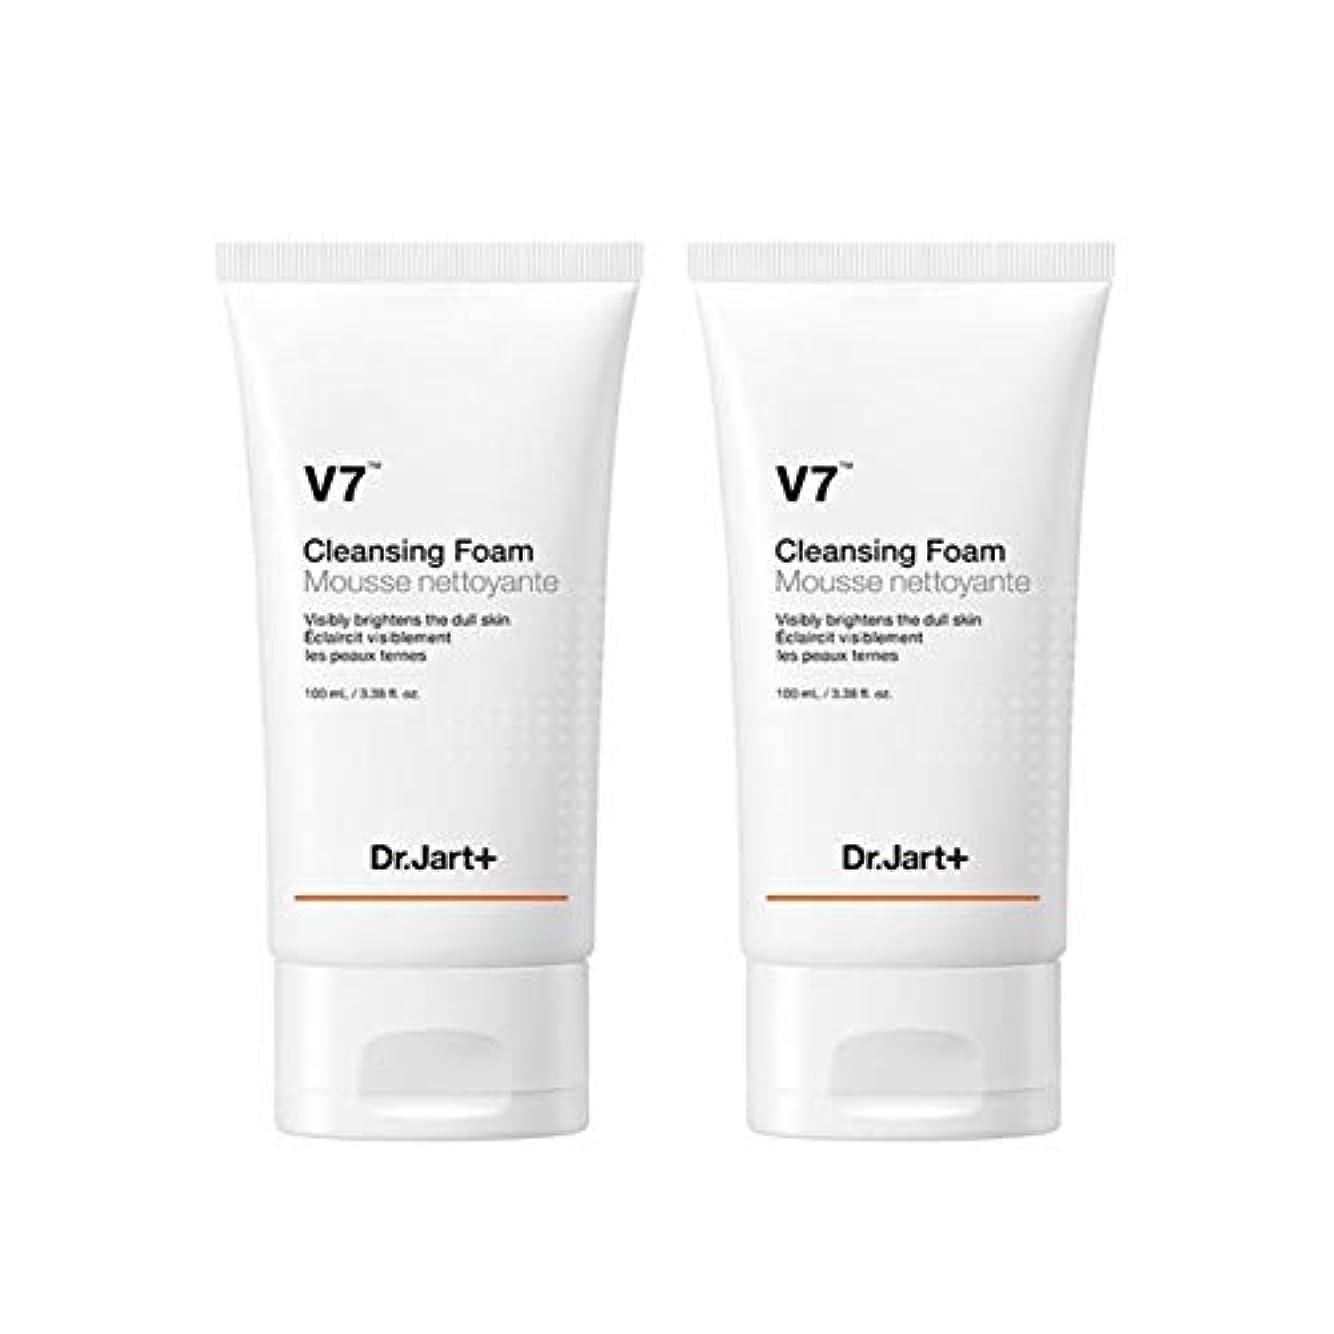 起訴するリーチバルセロナドクタージャルトゥV7クレンジングフォーム100mlx2本セット韓国コスメ、Dr.Jart V7 Cleansing Foam 100ml x 2ea Set Korean Cosmetics [並行輸入品]